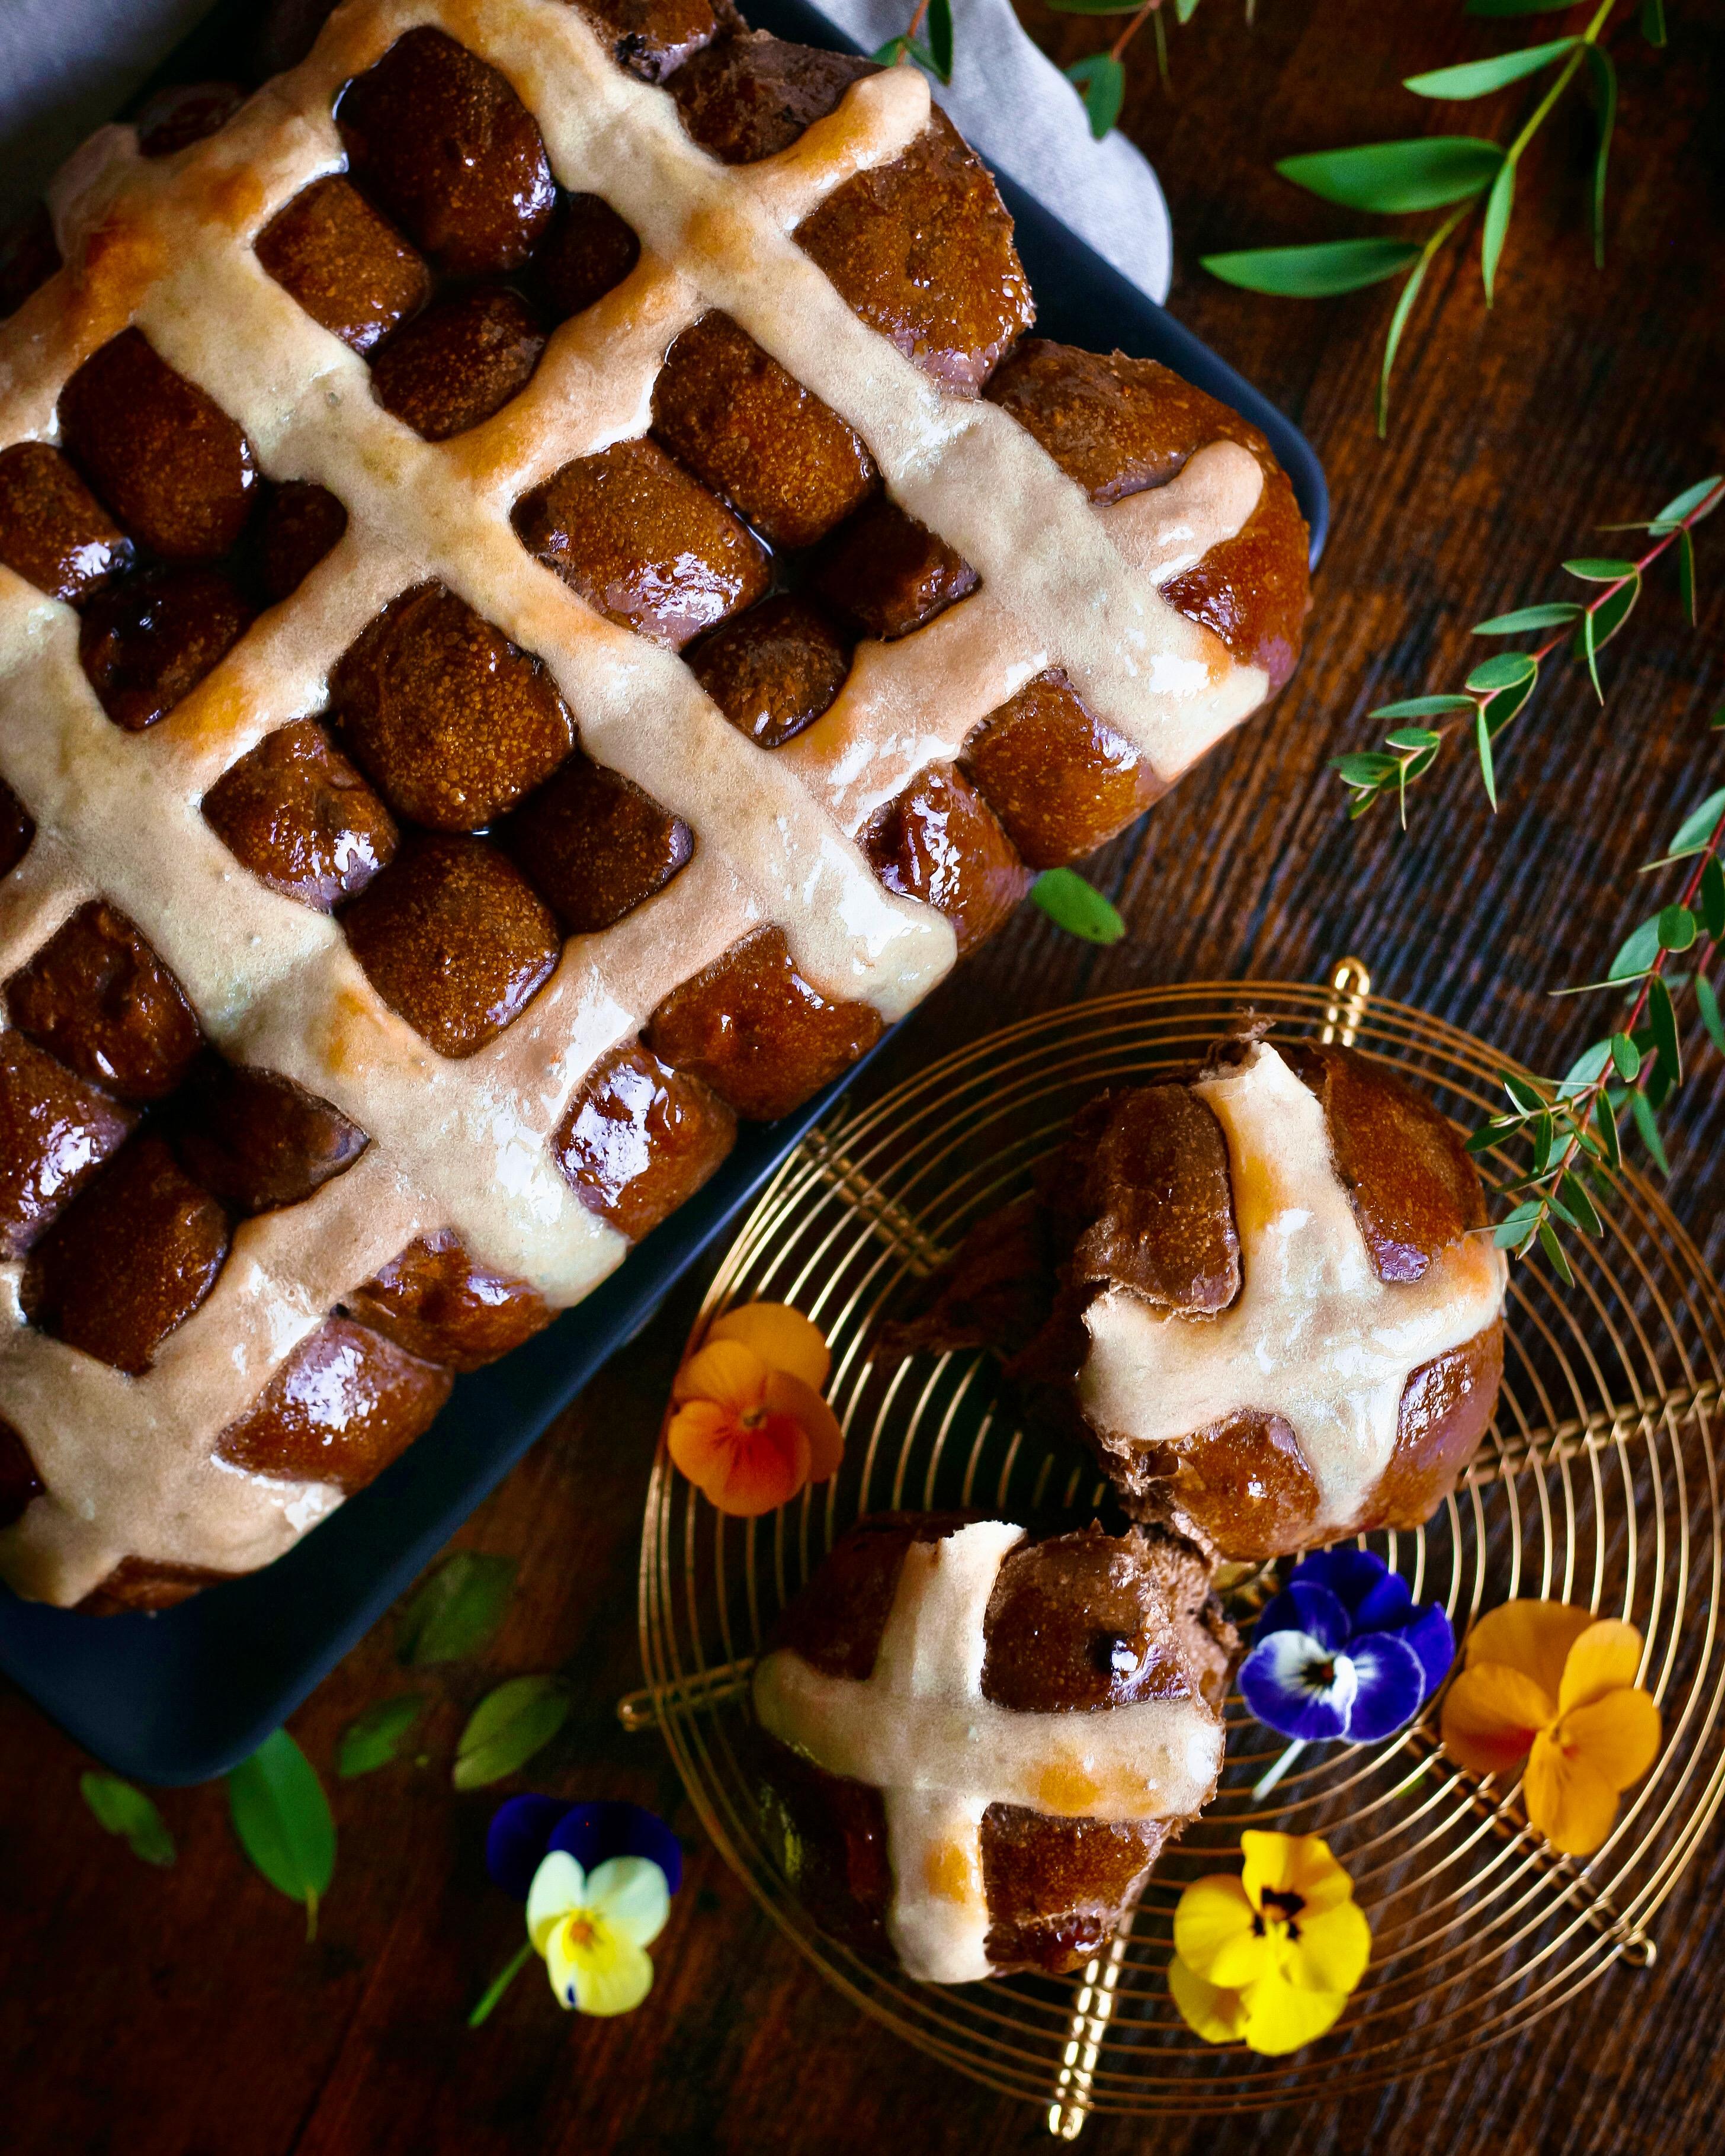 Čokoládové hot cross buns s kváskom Lievito madre